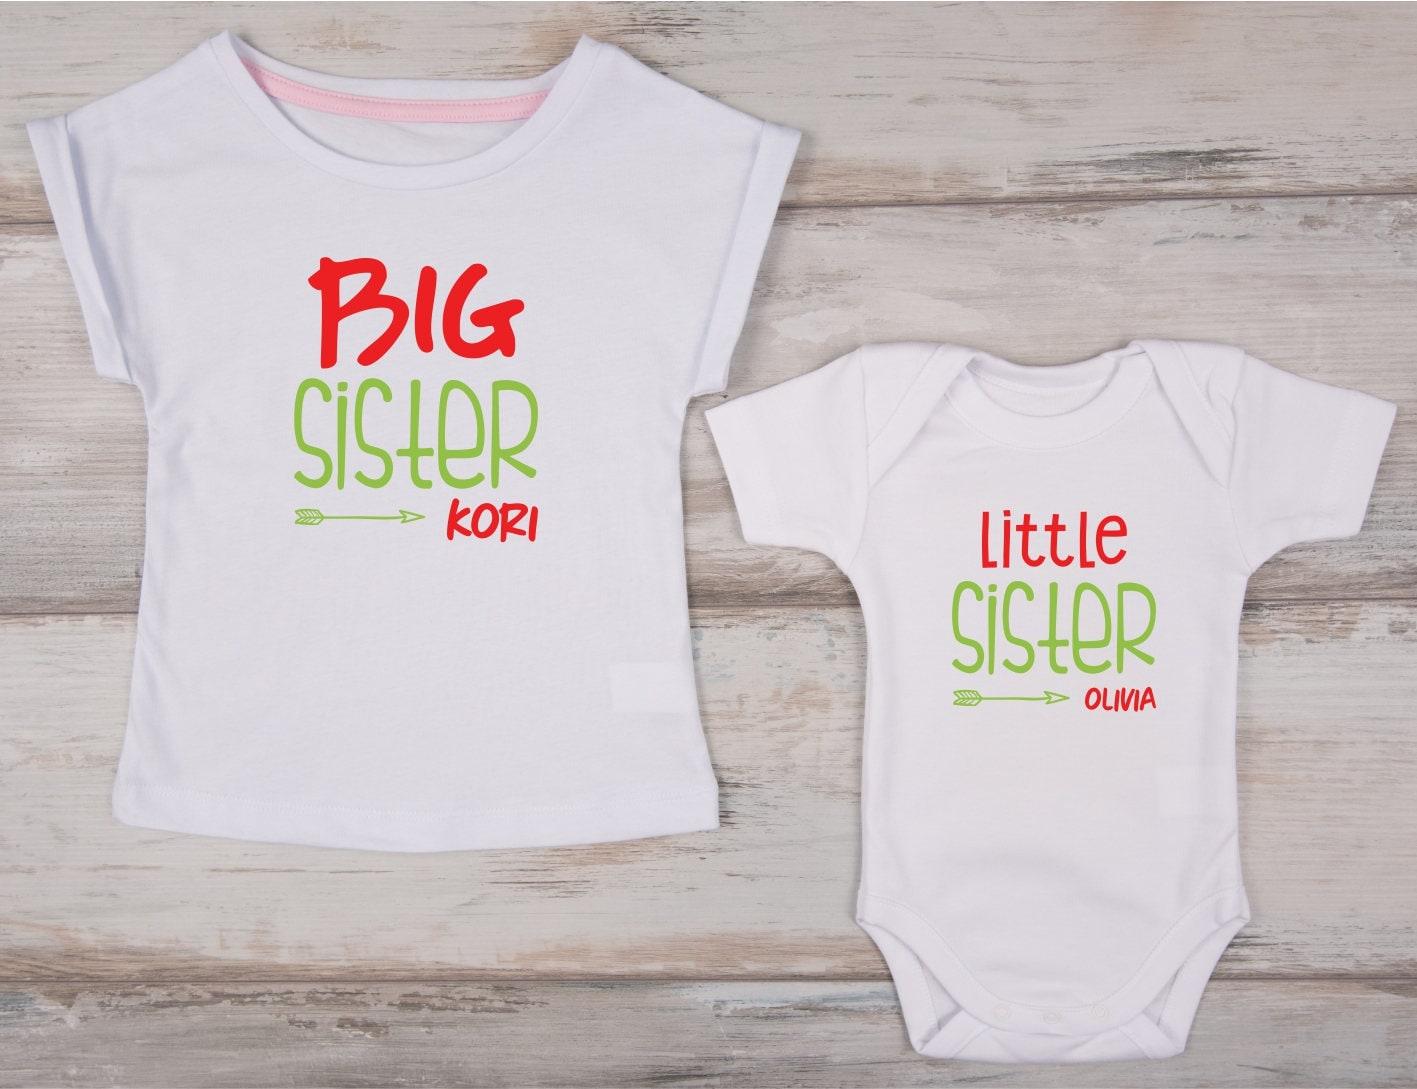 Weihnachten-Shirts große Schwester kleine Schwester | Etsy